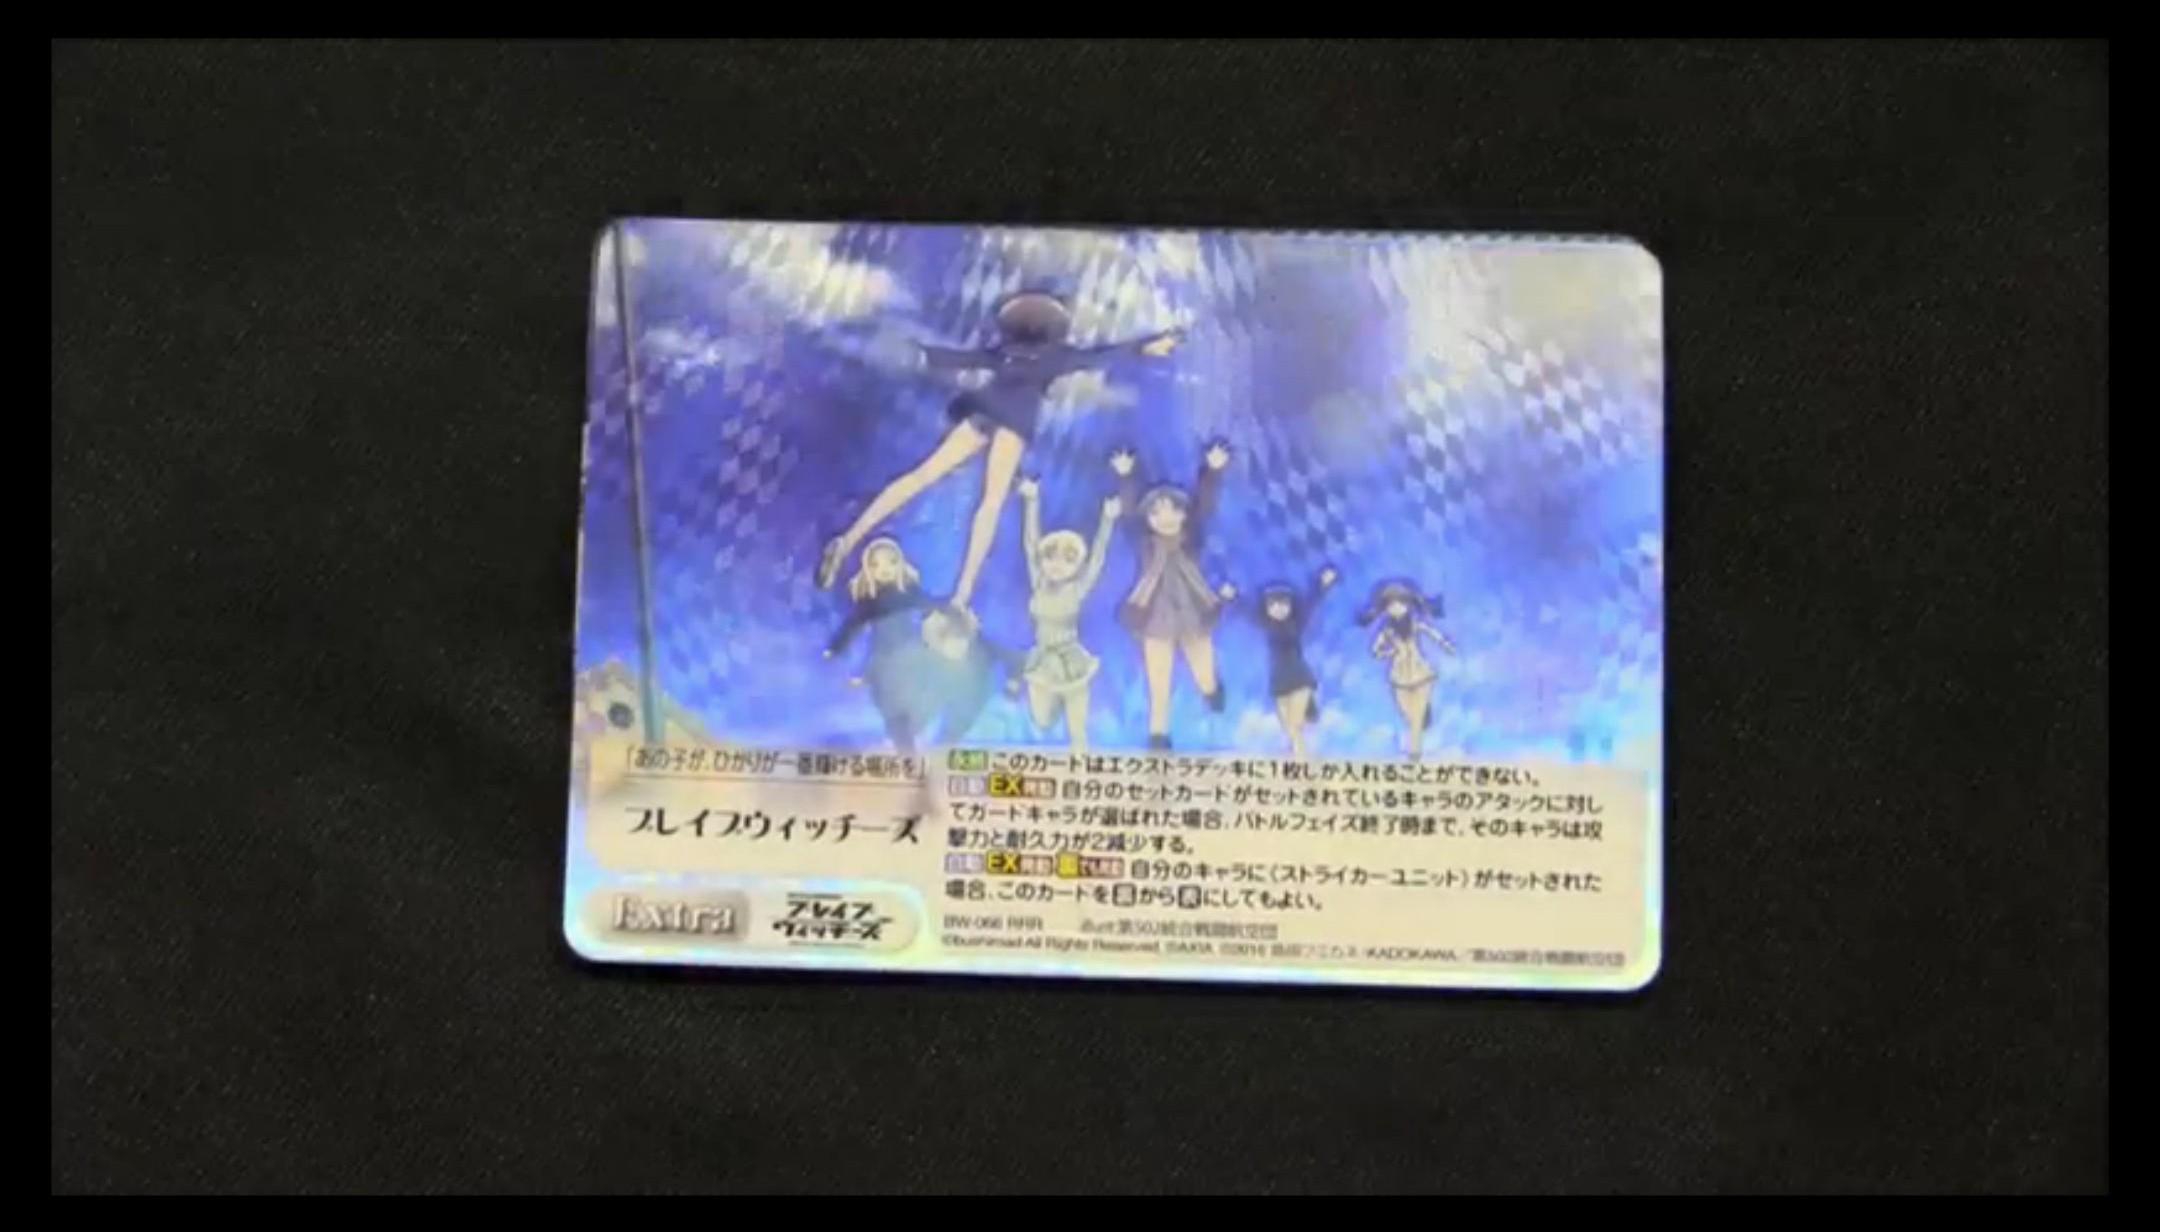 bshi-live--170323-013.jpg